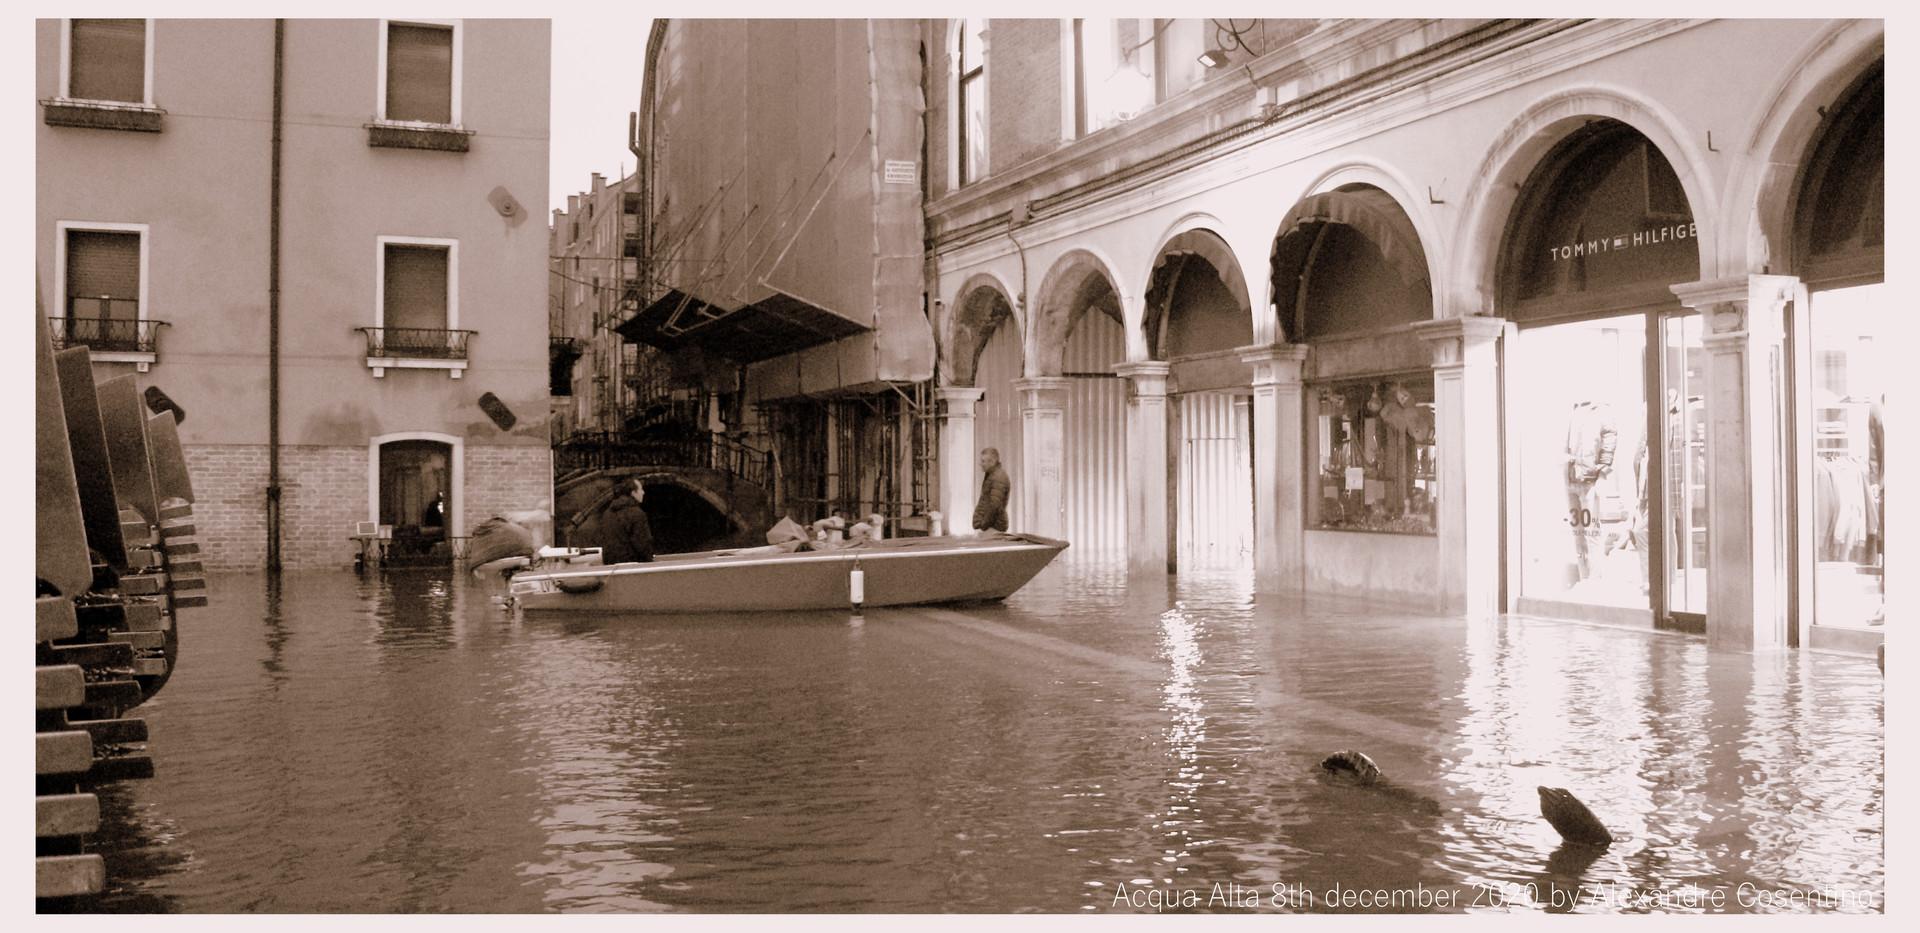 Acqua Alta inaspettata by Alexandre Cosentino 2020